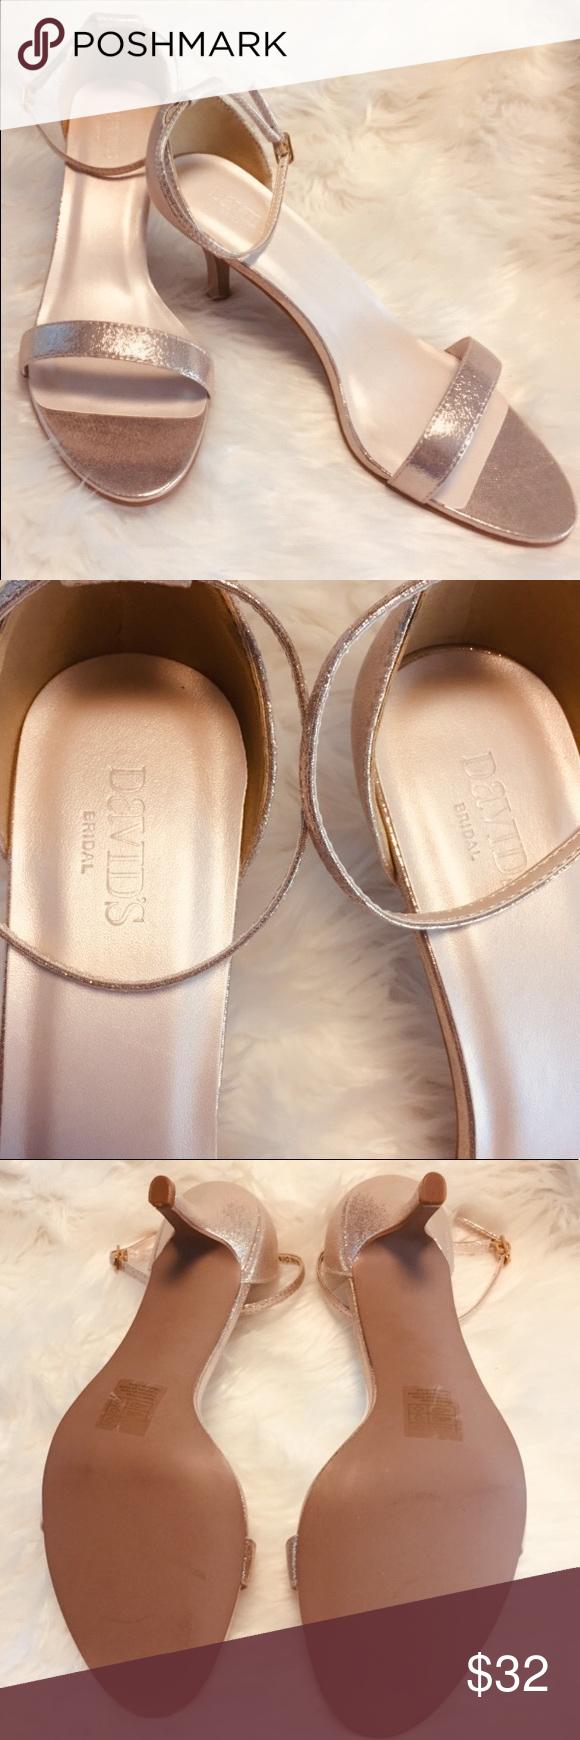 12W Formal Gold Metallic Sandals Heels